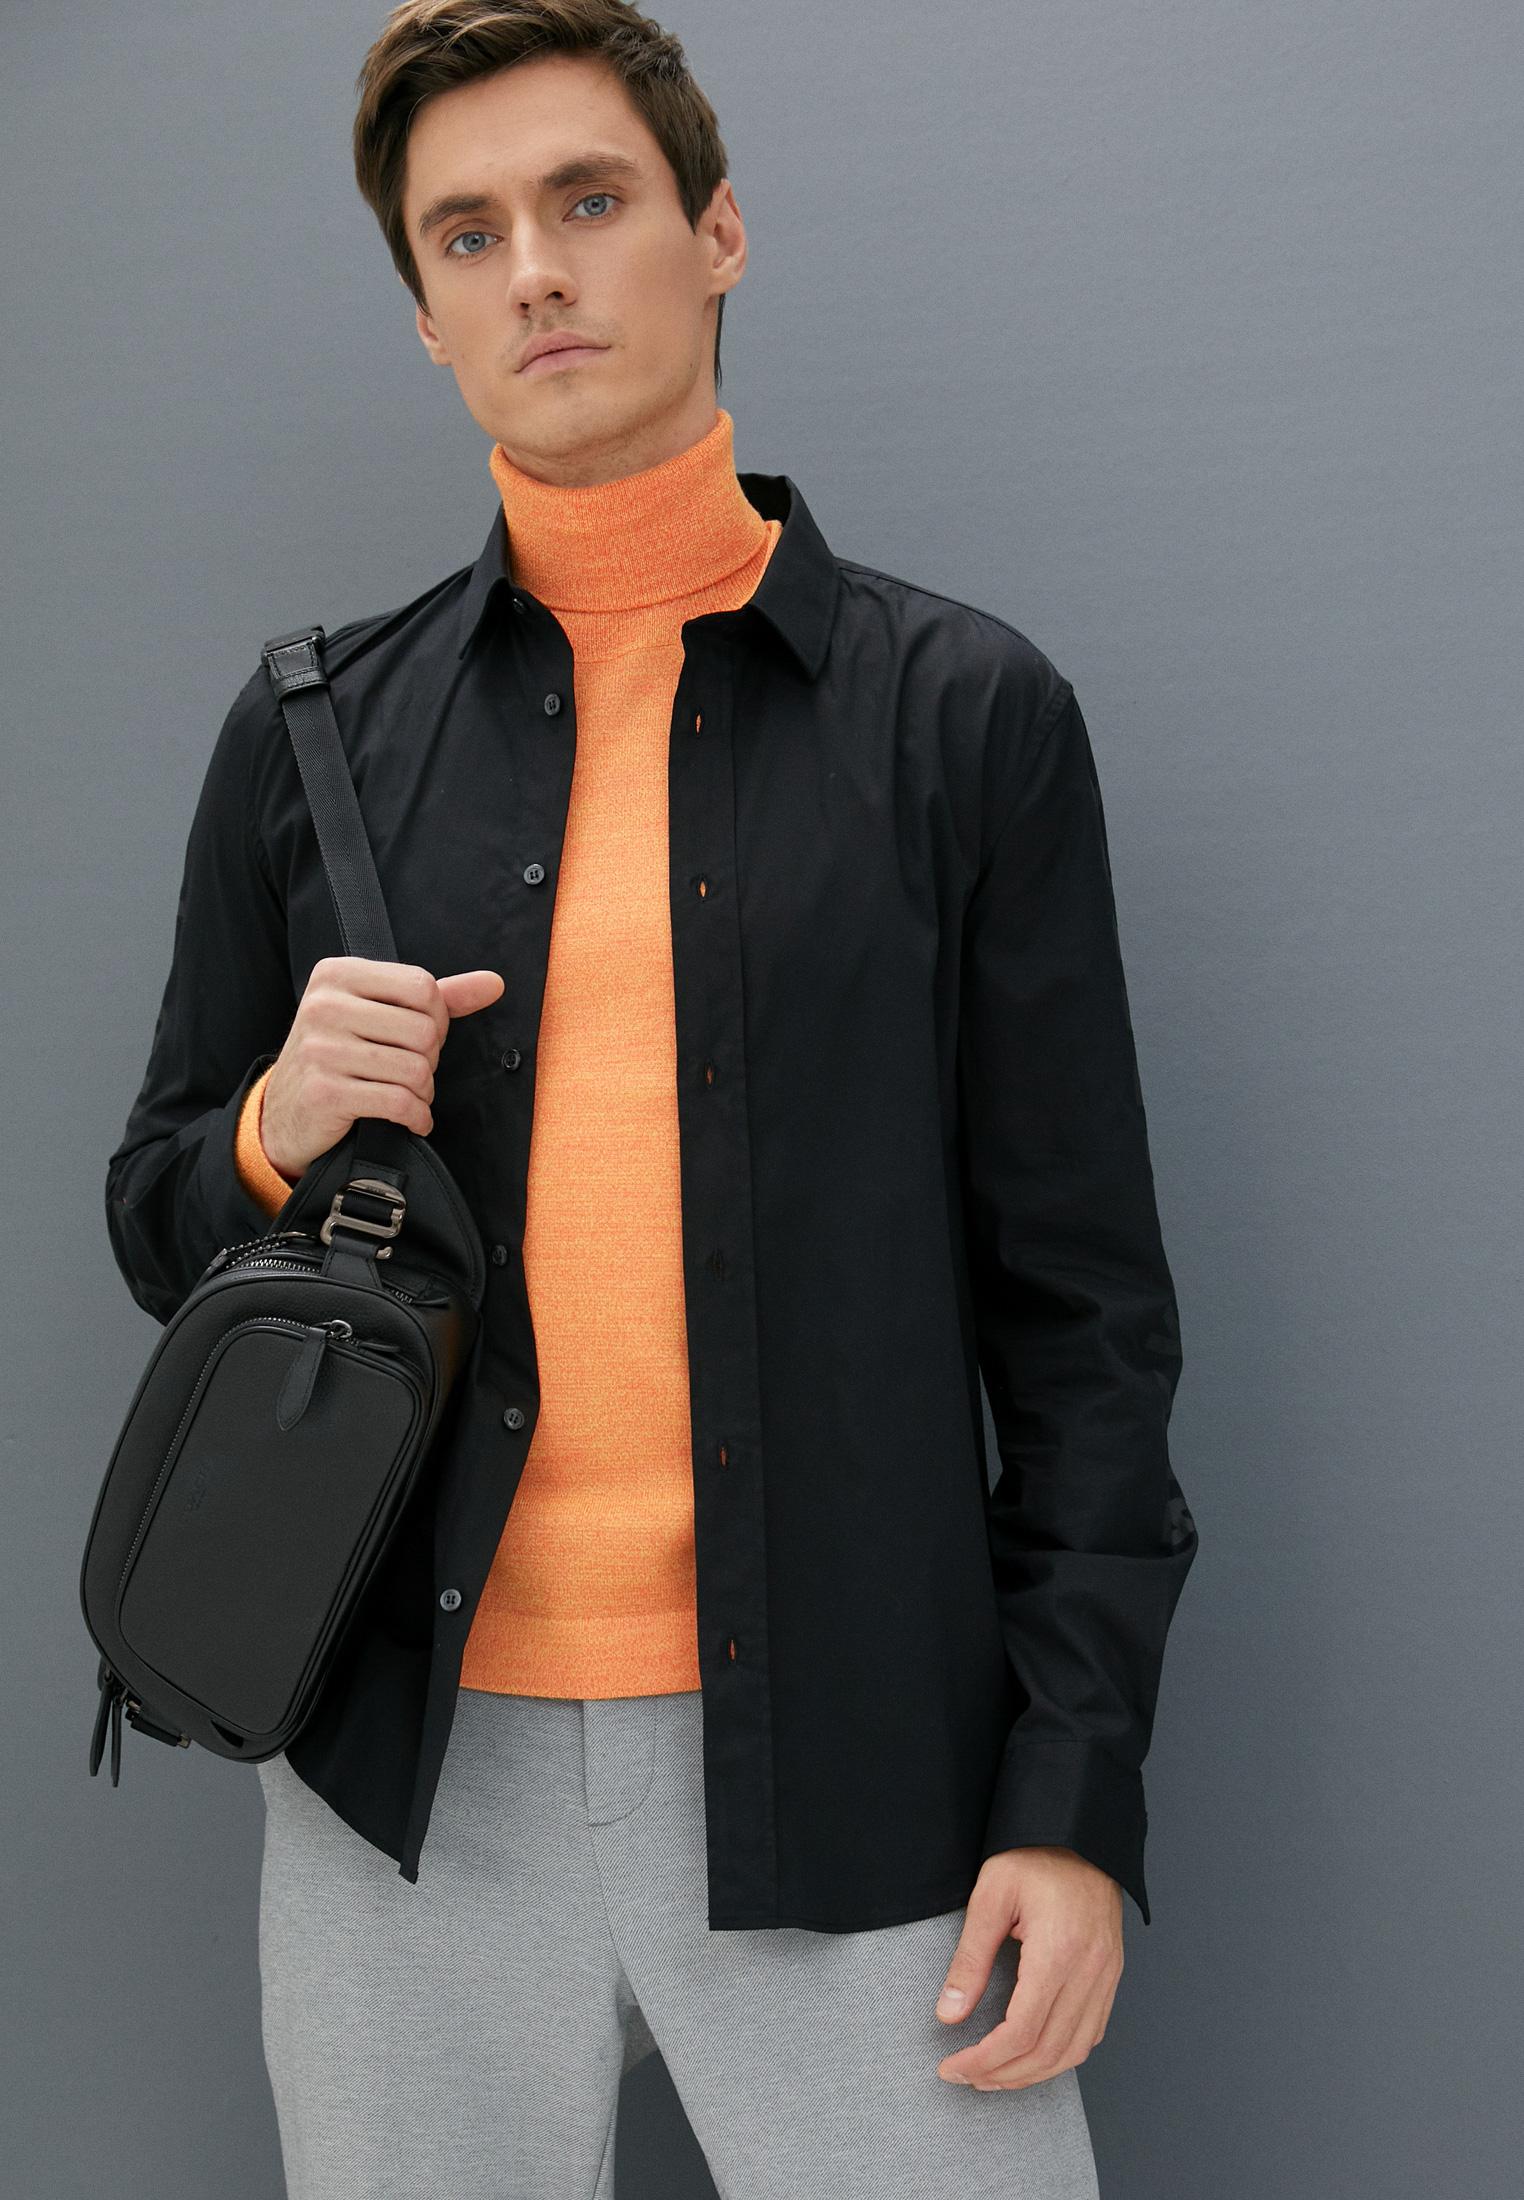 Рубашка с длинным рукавом Bikkembergs (Биккембергс) C C 009 3V S 2931: изображение 2